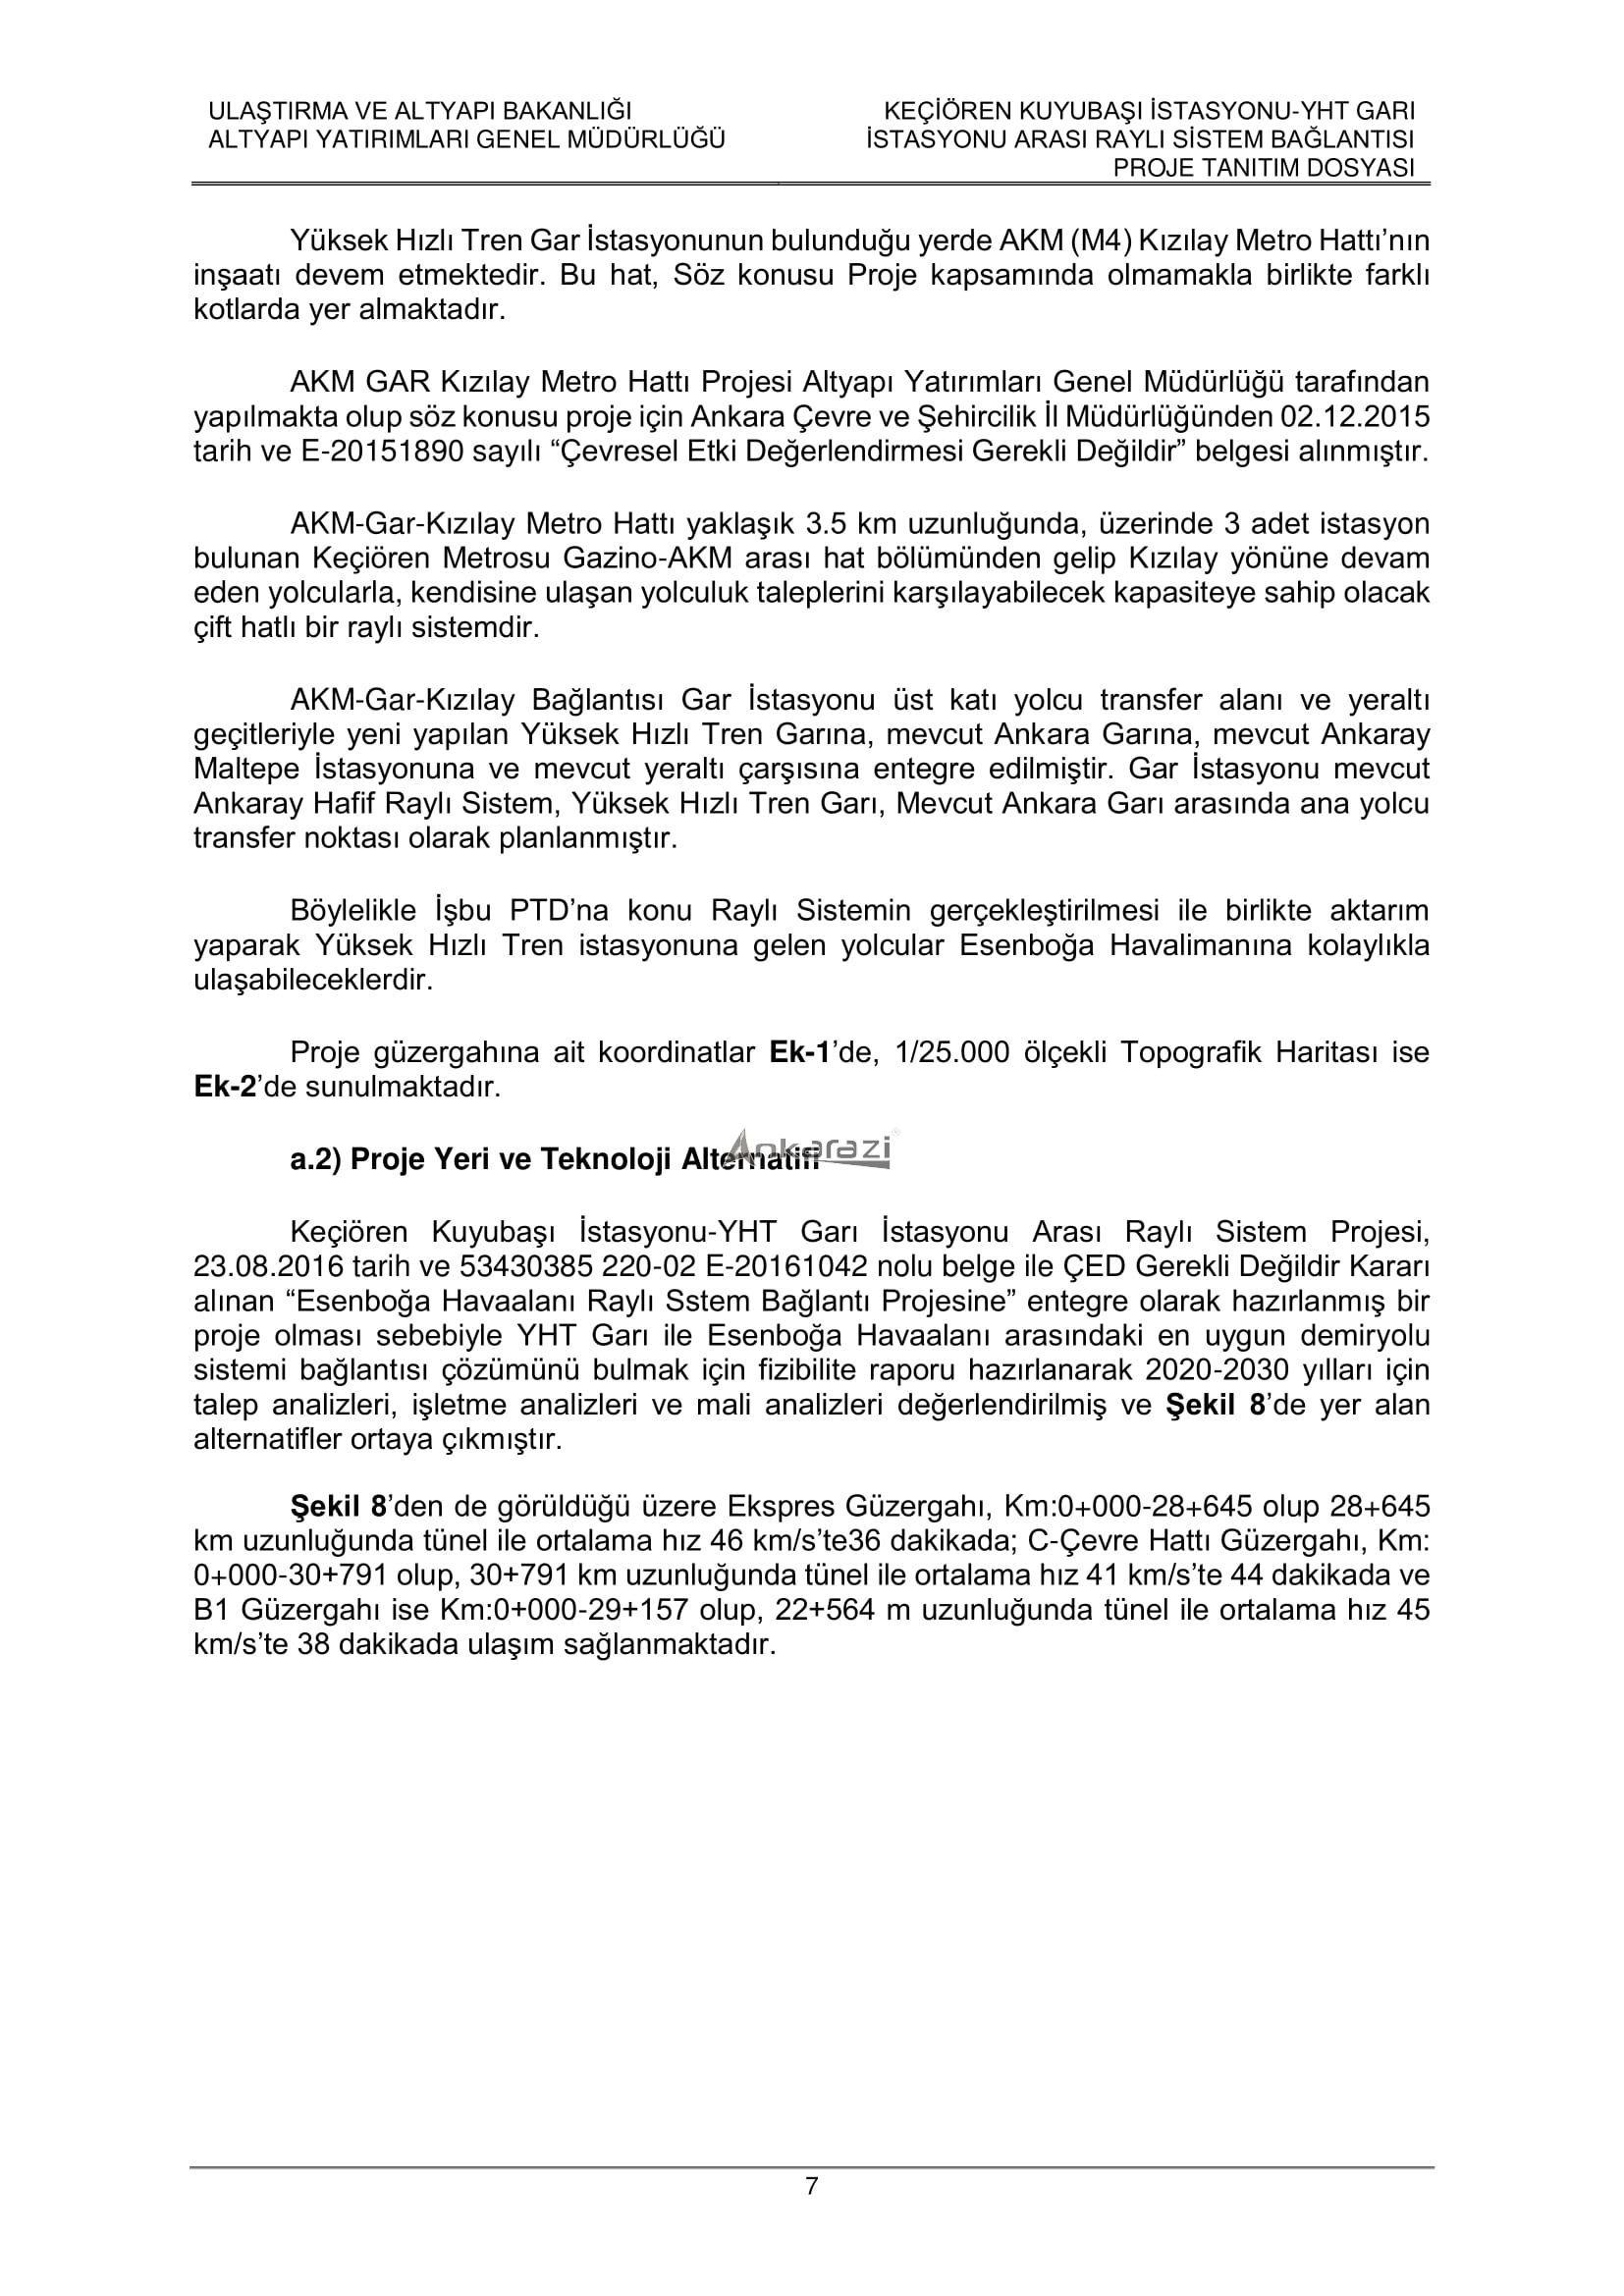 Keçiören-Siteler-YHT Garı Metro Hattı, Nihai Proje Dosyası... 3695